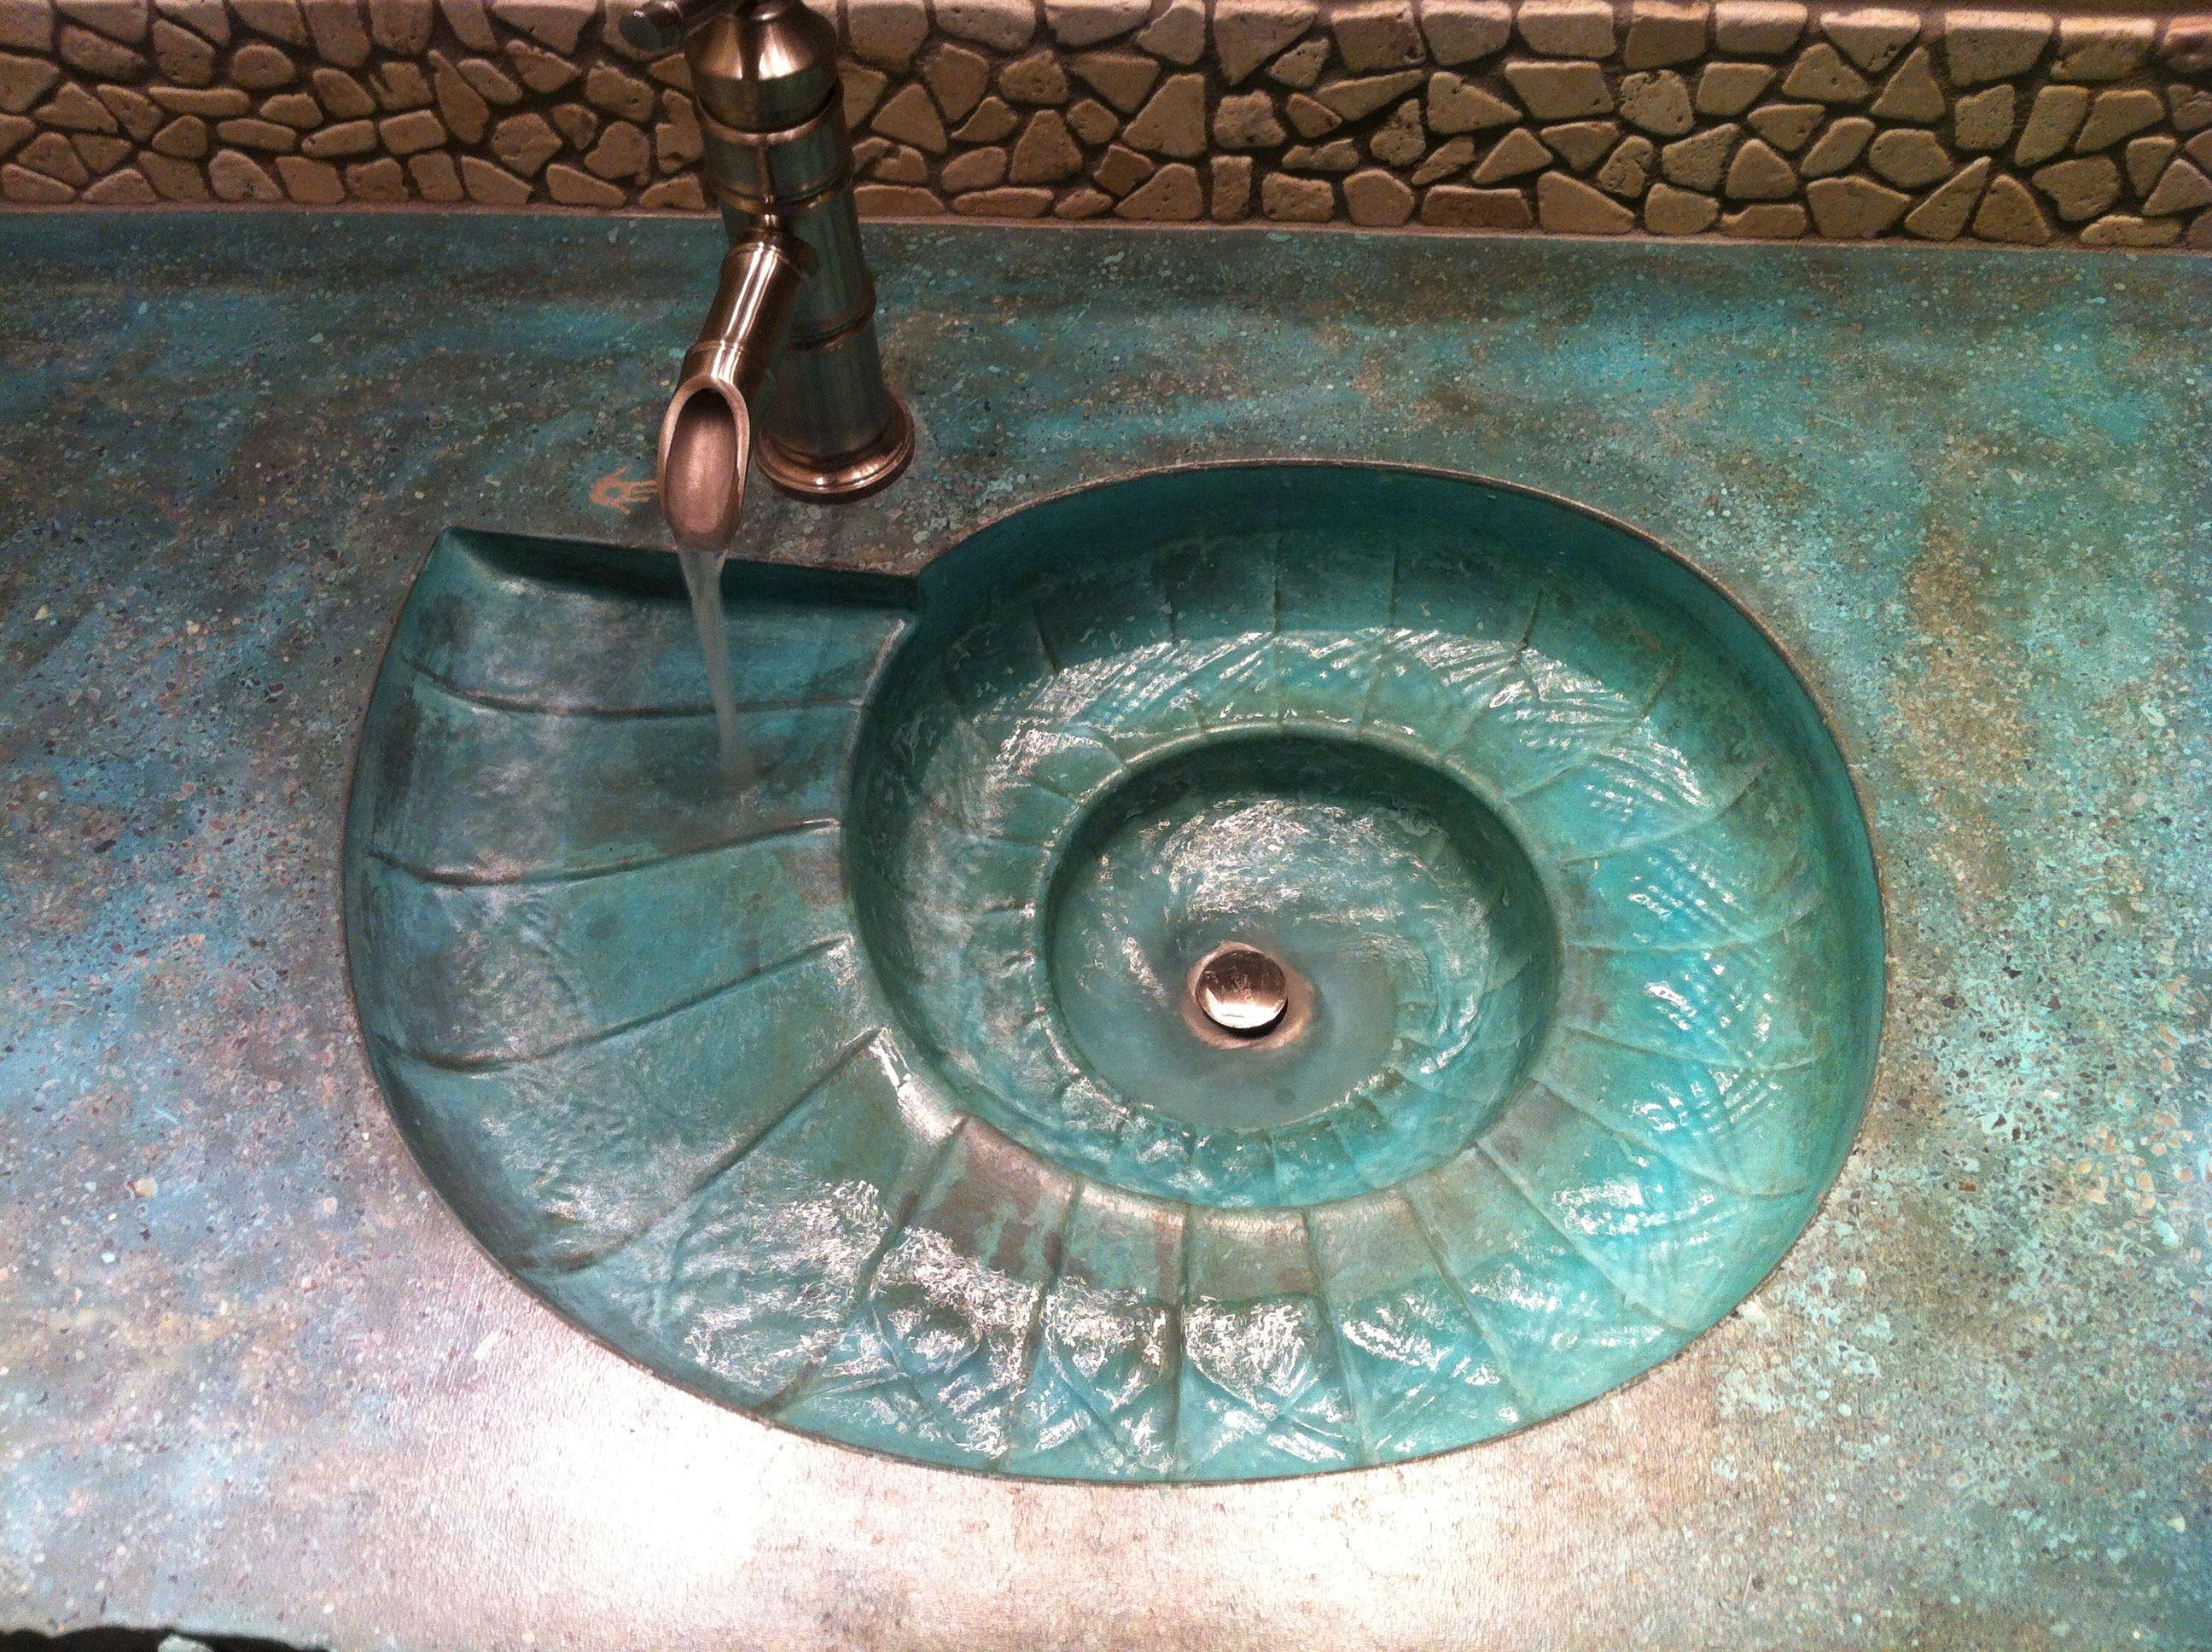 Concrete Countertop Rubber Sink Mold Sdp 46 Nautilus Shell Sink Nautilus Sink Concrete Sink